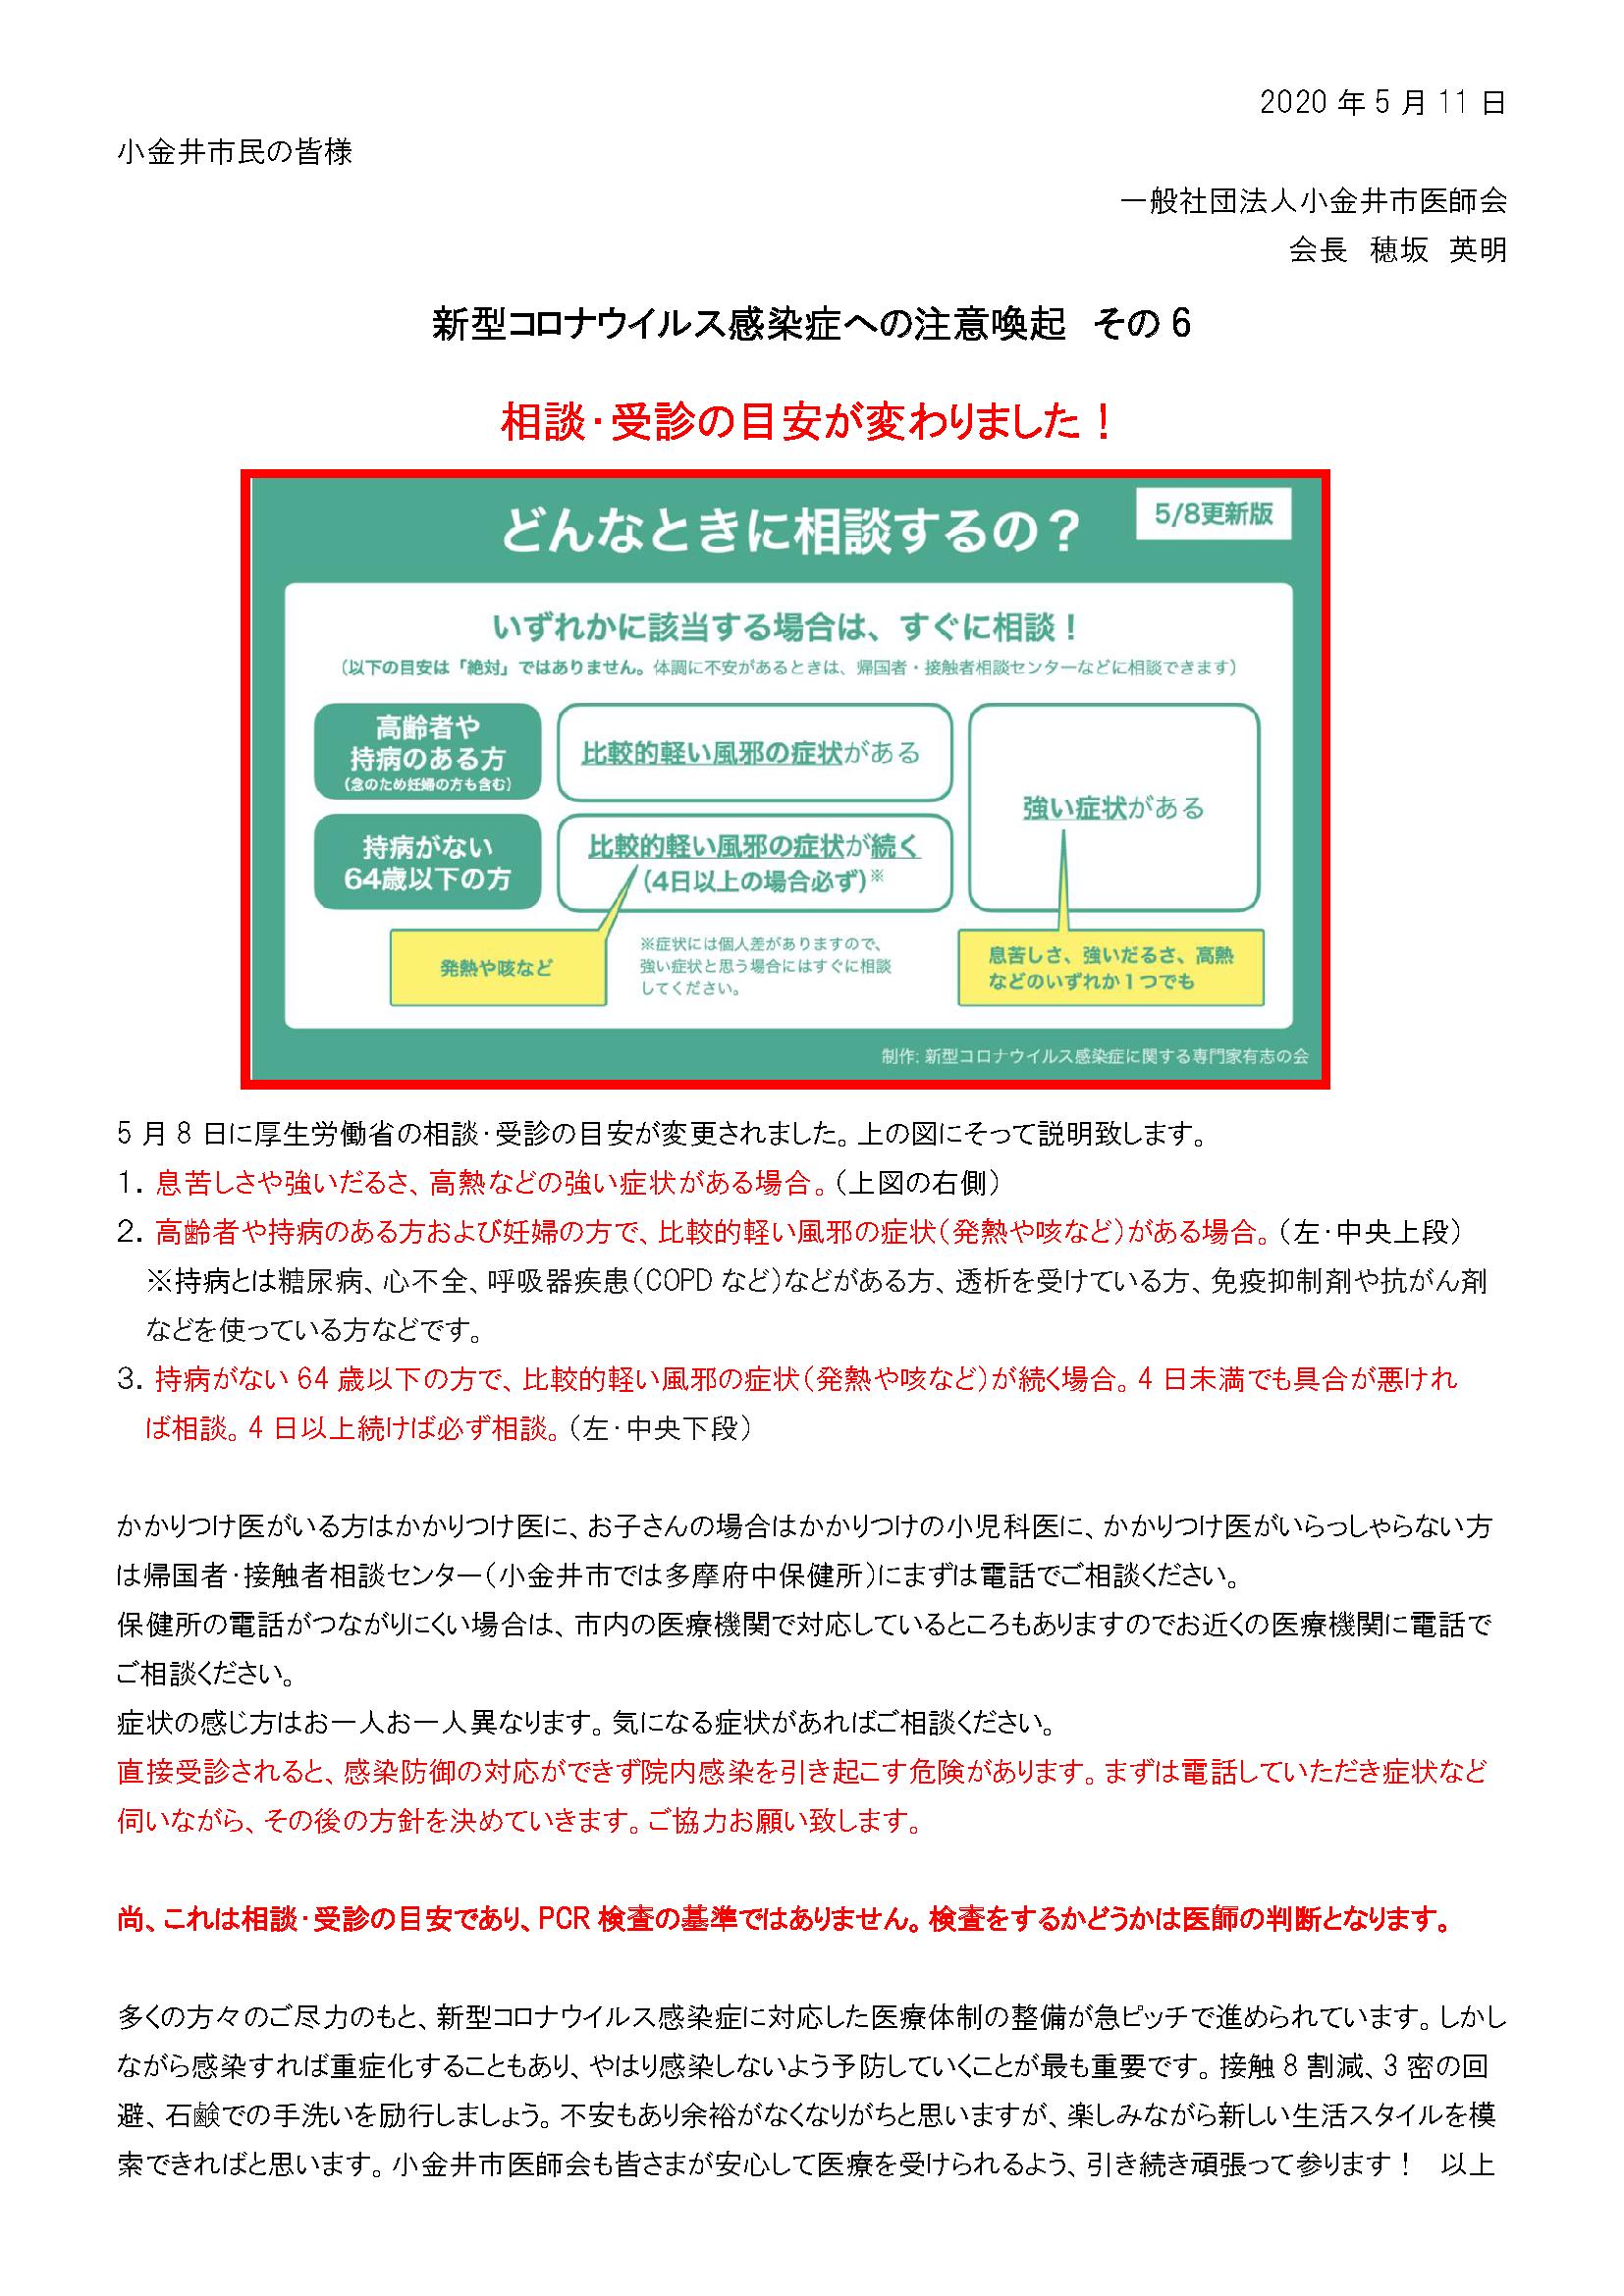 新型コロナウイルス感染症への注意喚起その6